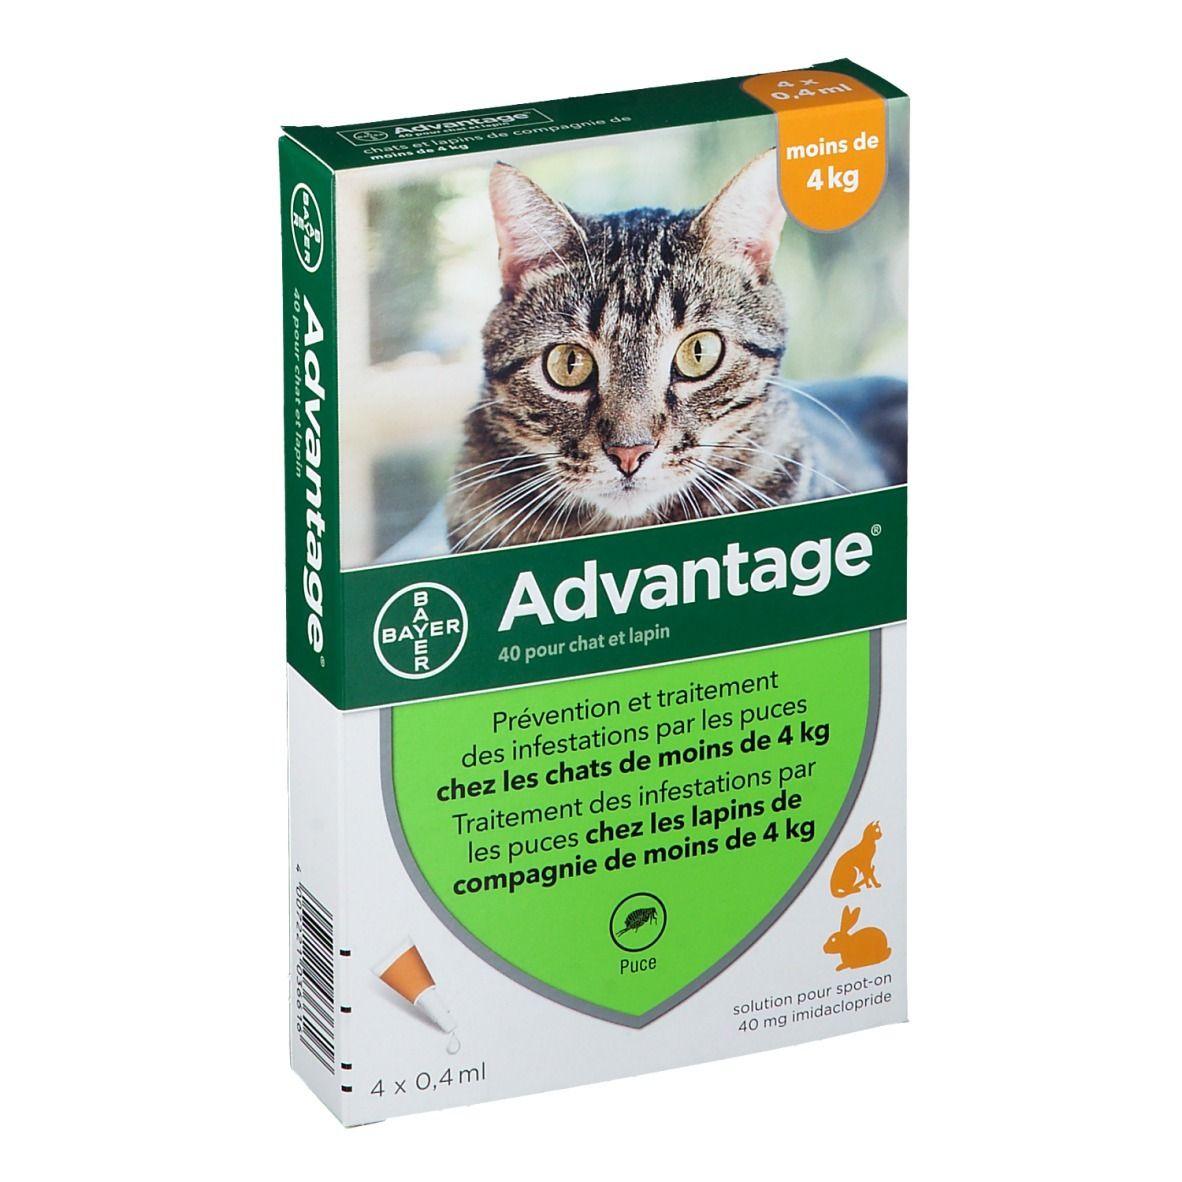 Image of Advantage 40 pour chat et lapin